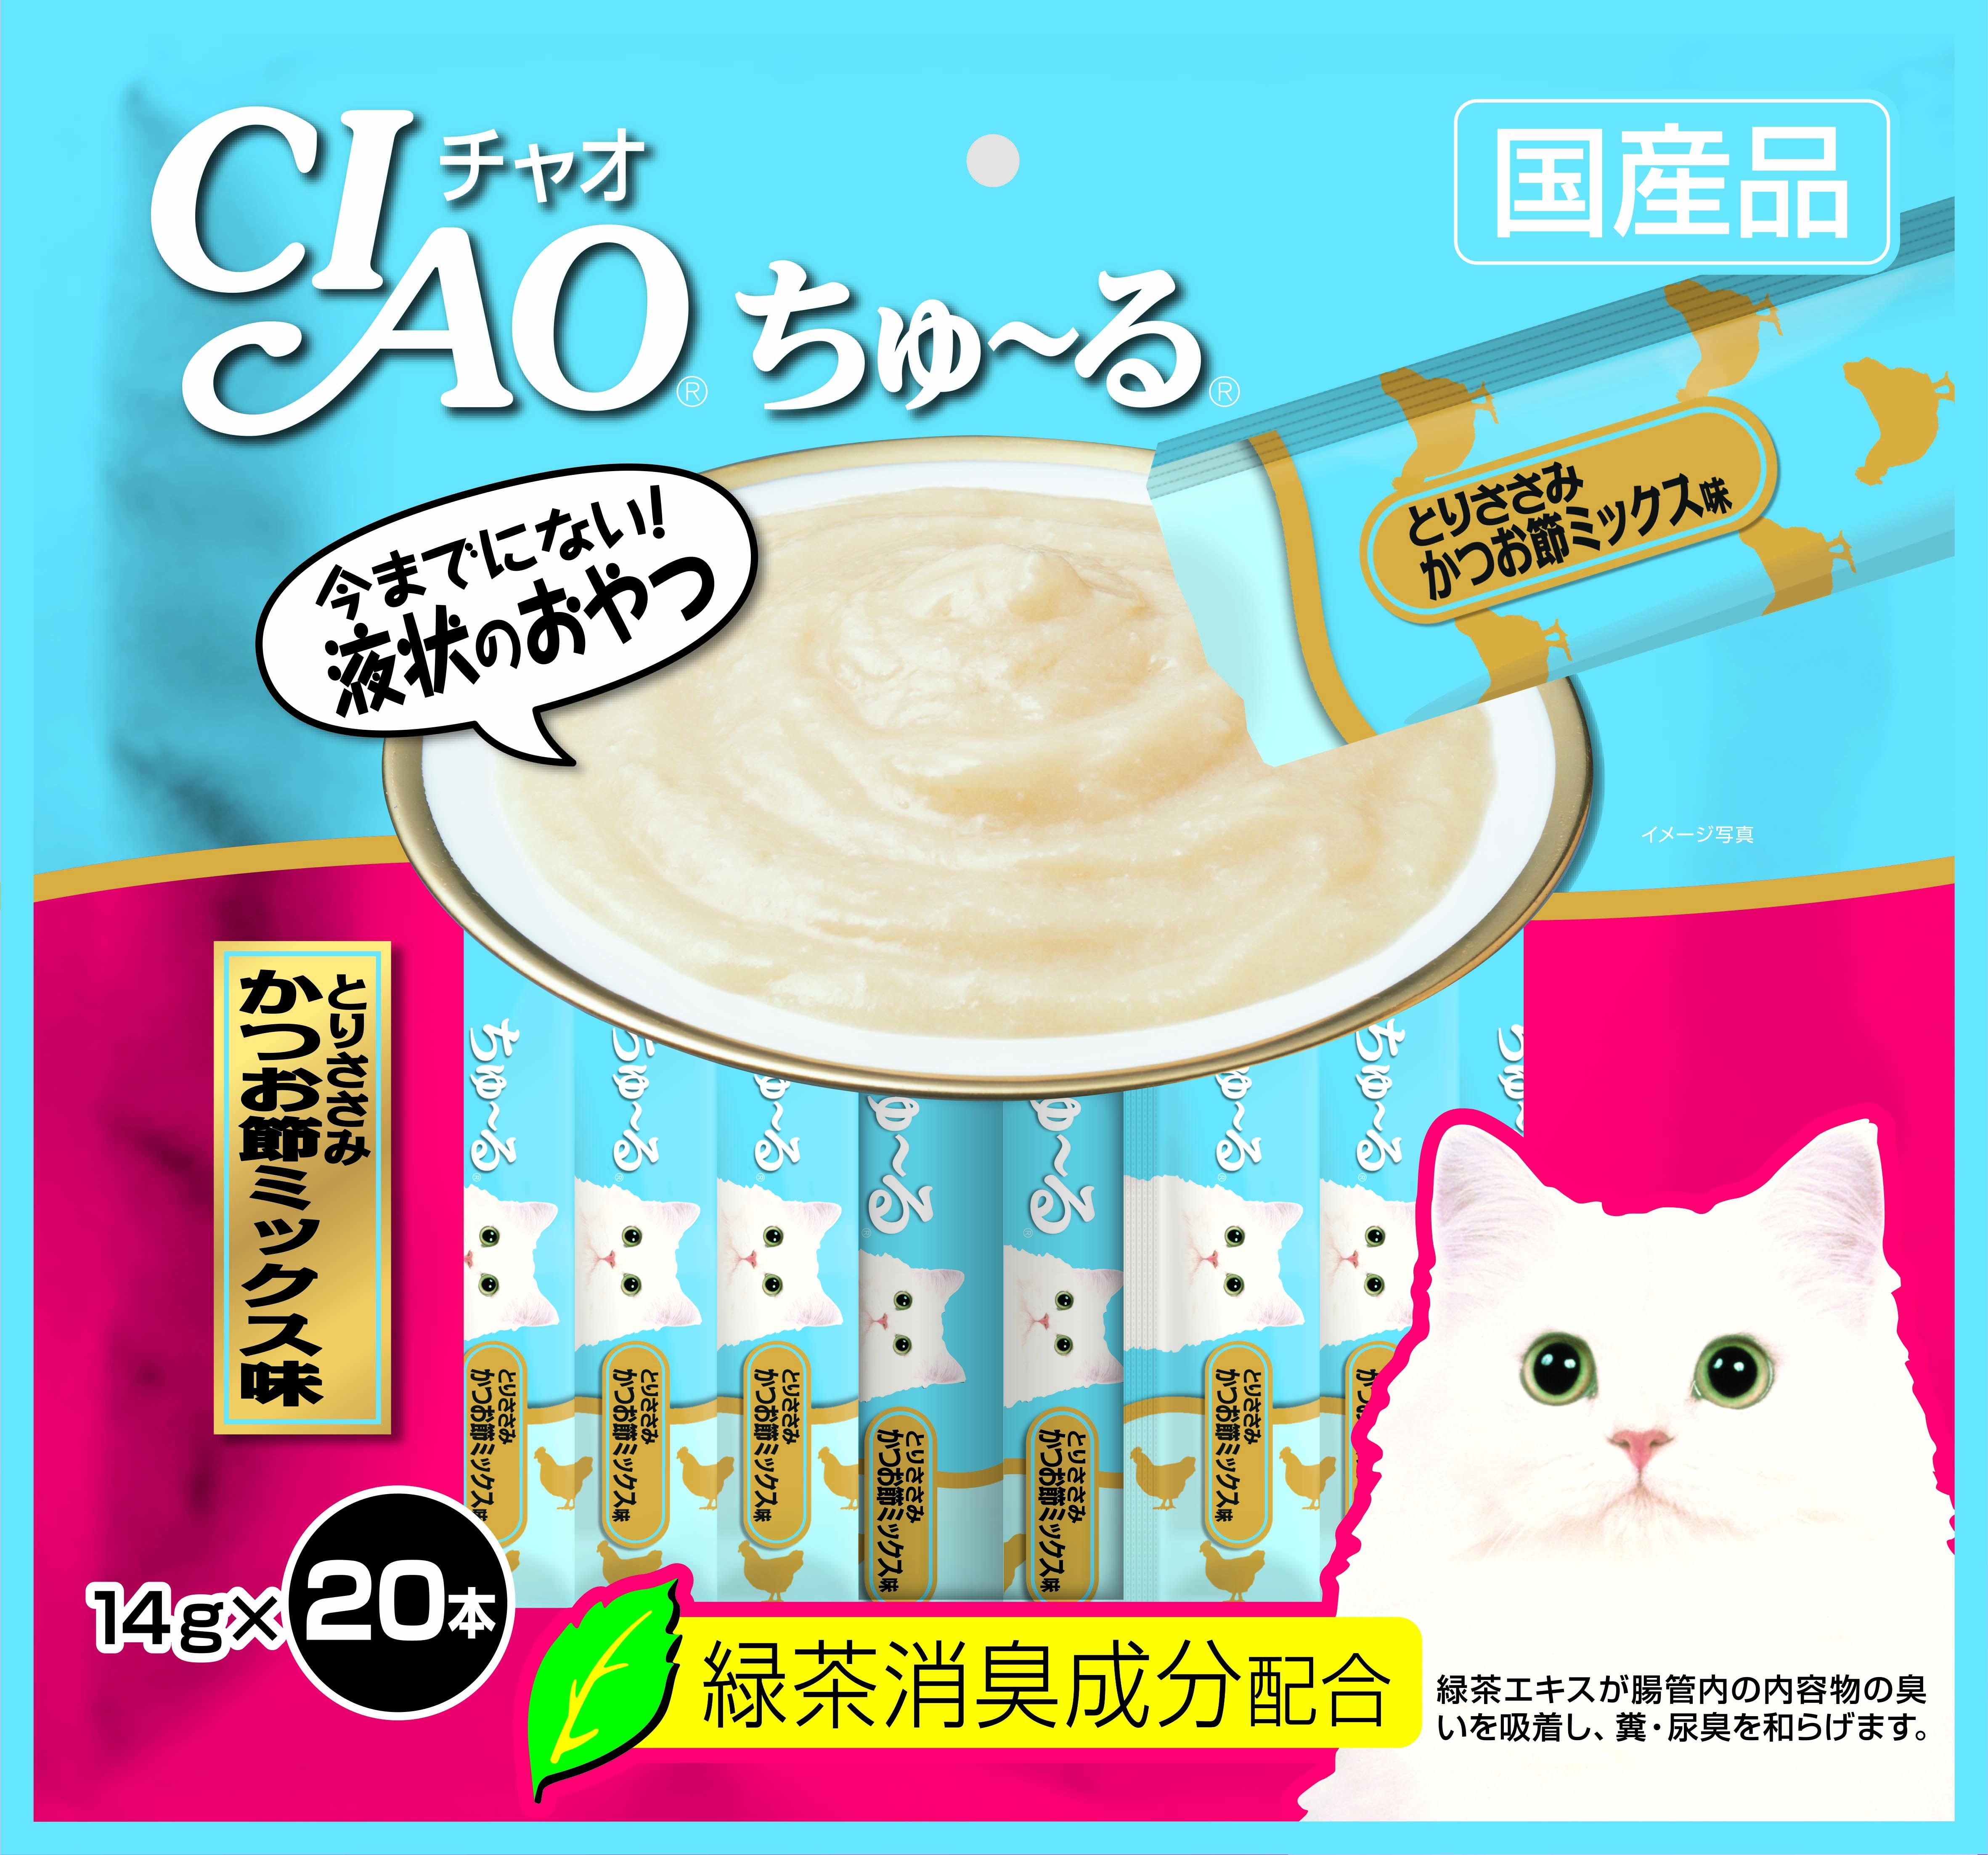 CIS193 Churu Chicken Fillet _ Sliced Bonito.jpg